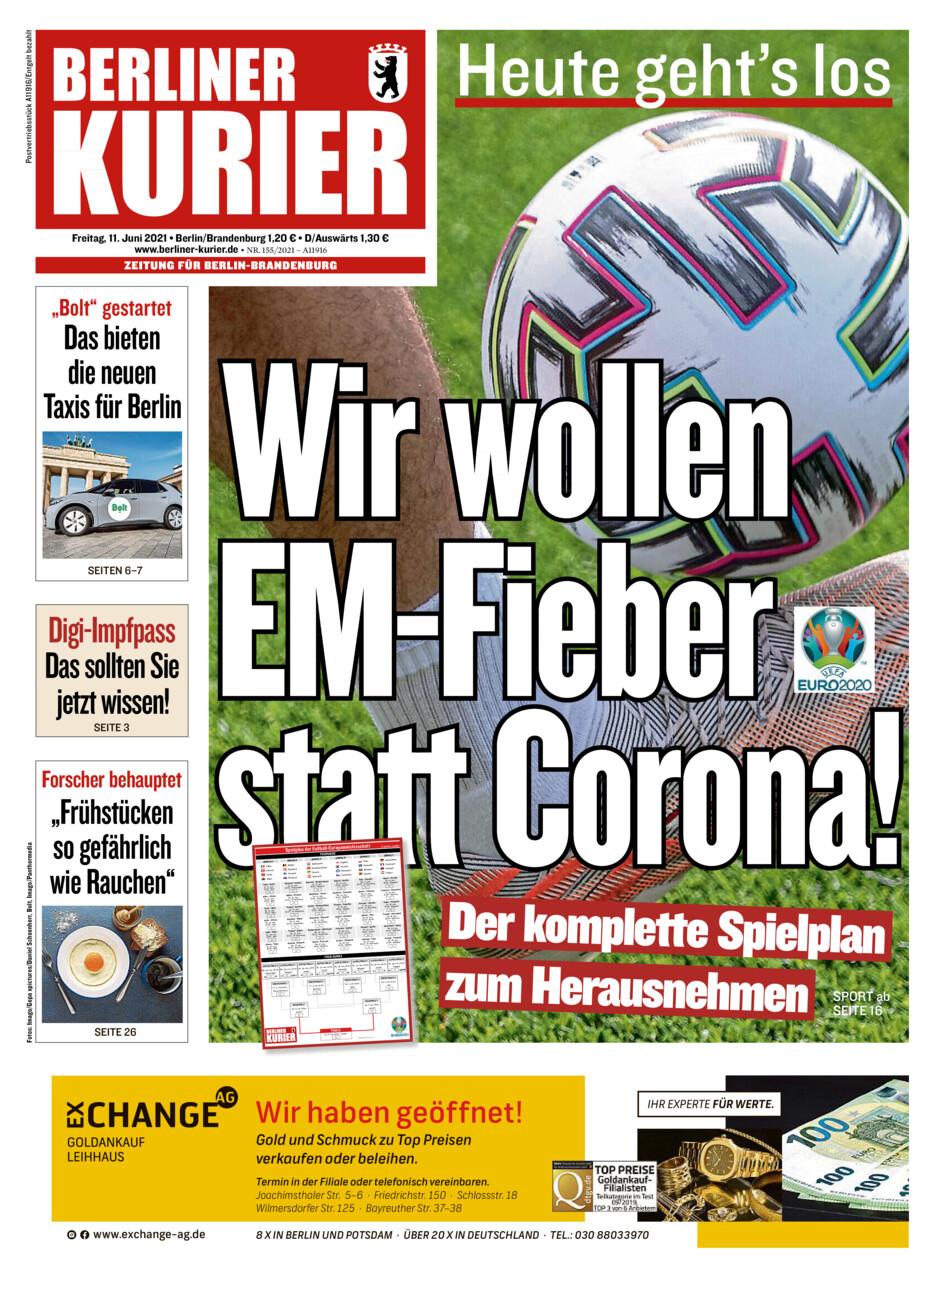 Berliner Kurier vom Freitag, 11.06.2021